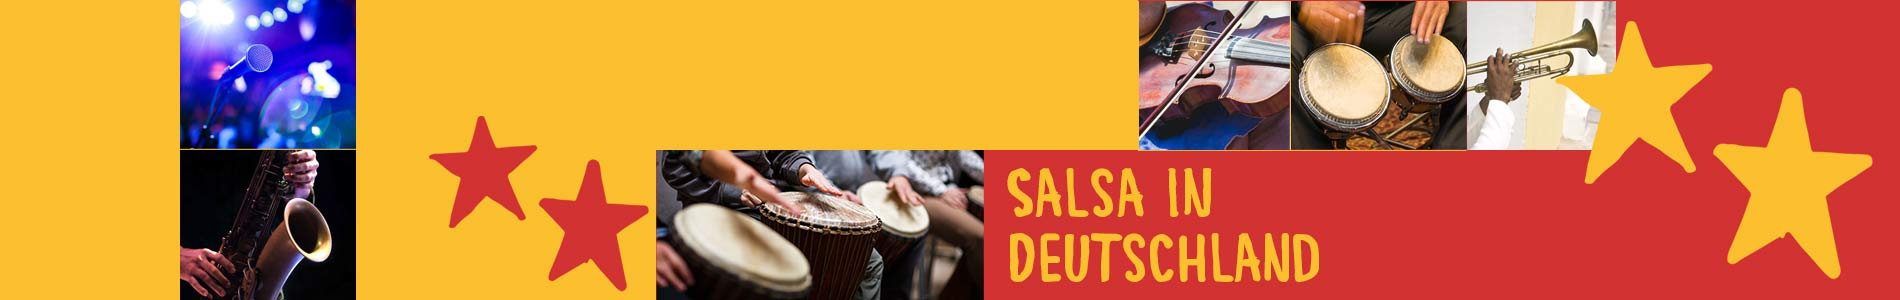 Salsa in Burgkunstadt – Salsa lernen und tanzen, Tanzkurse, Partys, Veranstaltungen